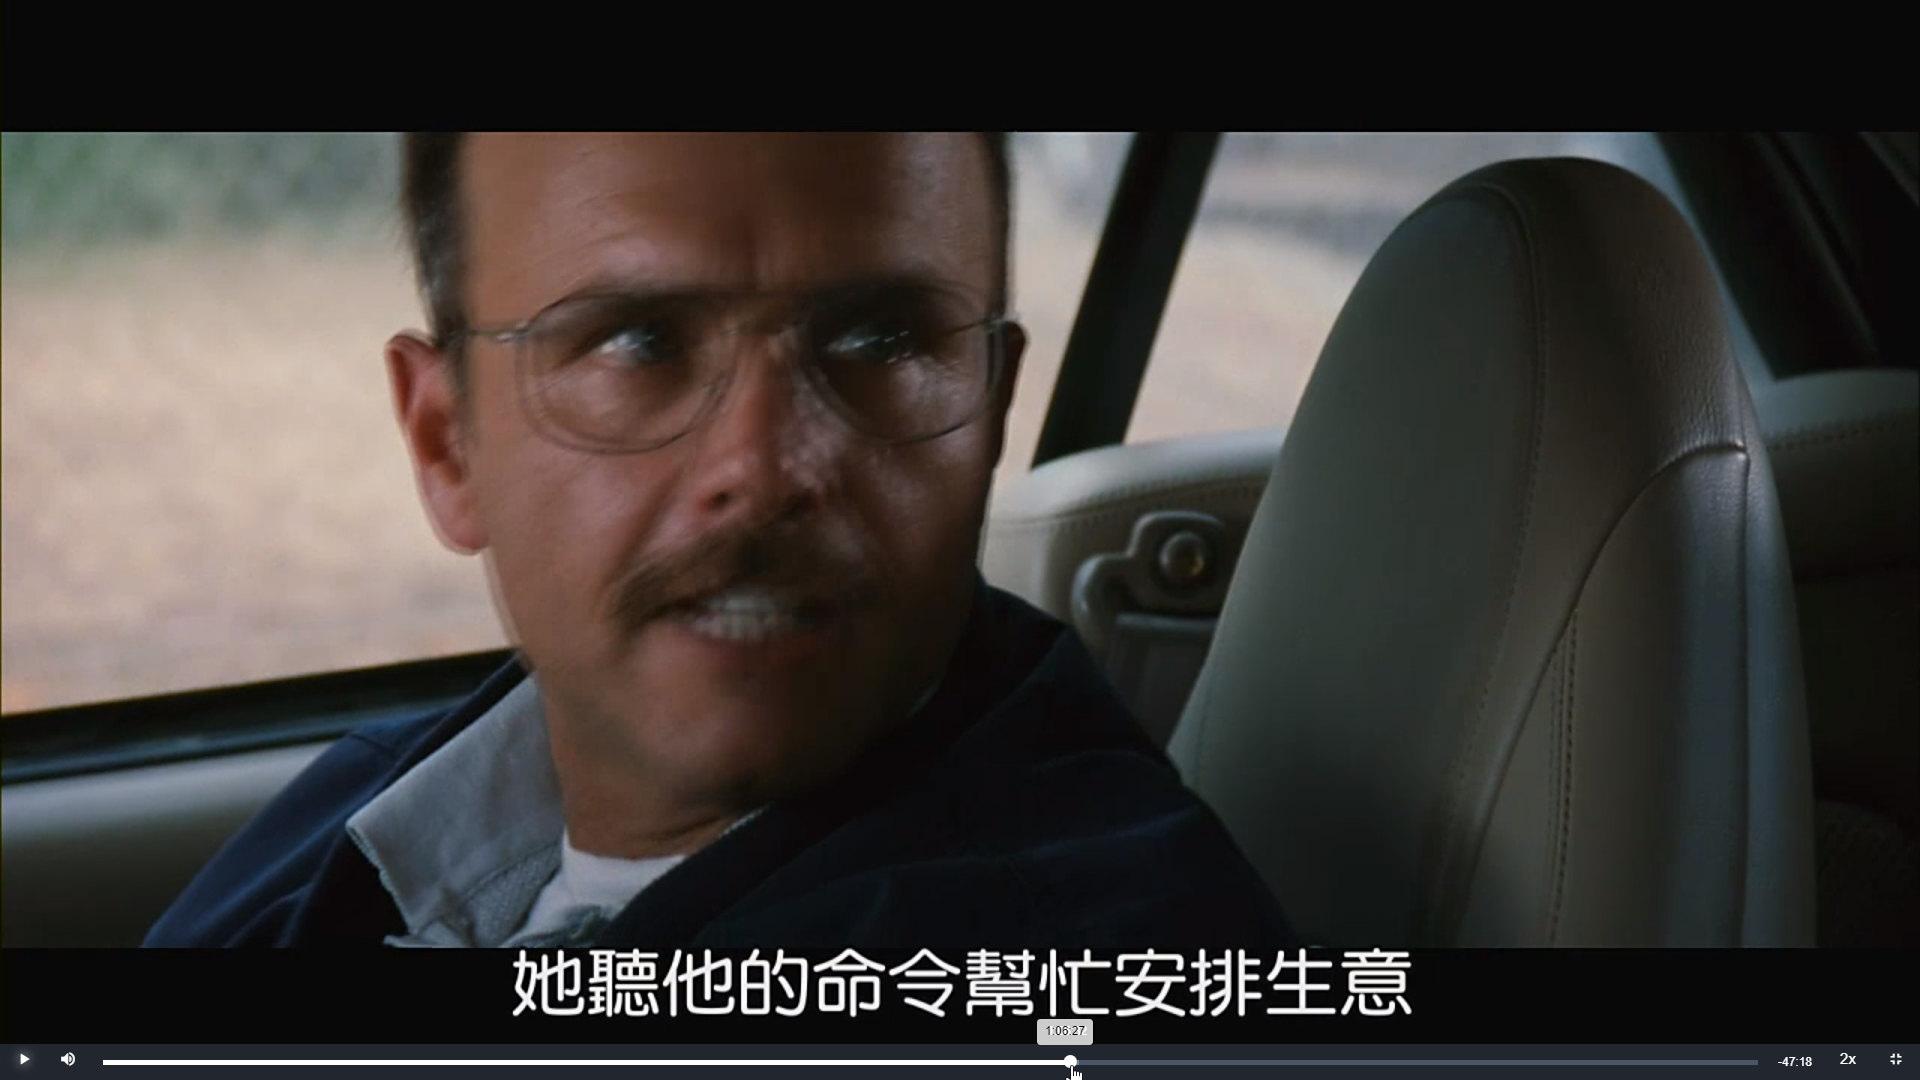 [感想] 電影-記憶拼圖 Memento (2000) 整理順序劇情&爭議討論-100.jpg